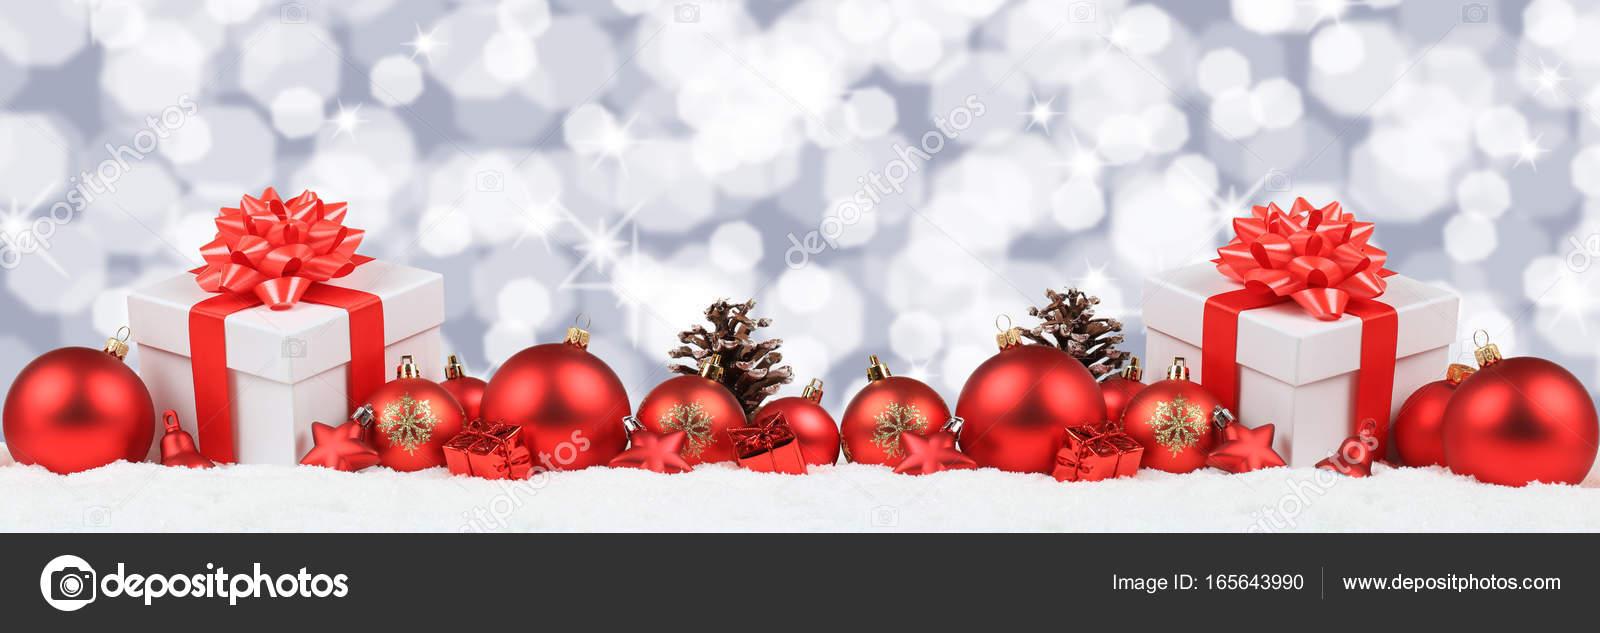 Weihnachtsgeschenke Geschenke.Weihnachtsgeschenke Geschenke Kugeln Dekoration Sterne Zeitmessung